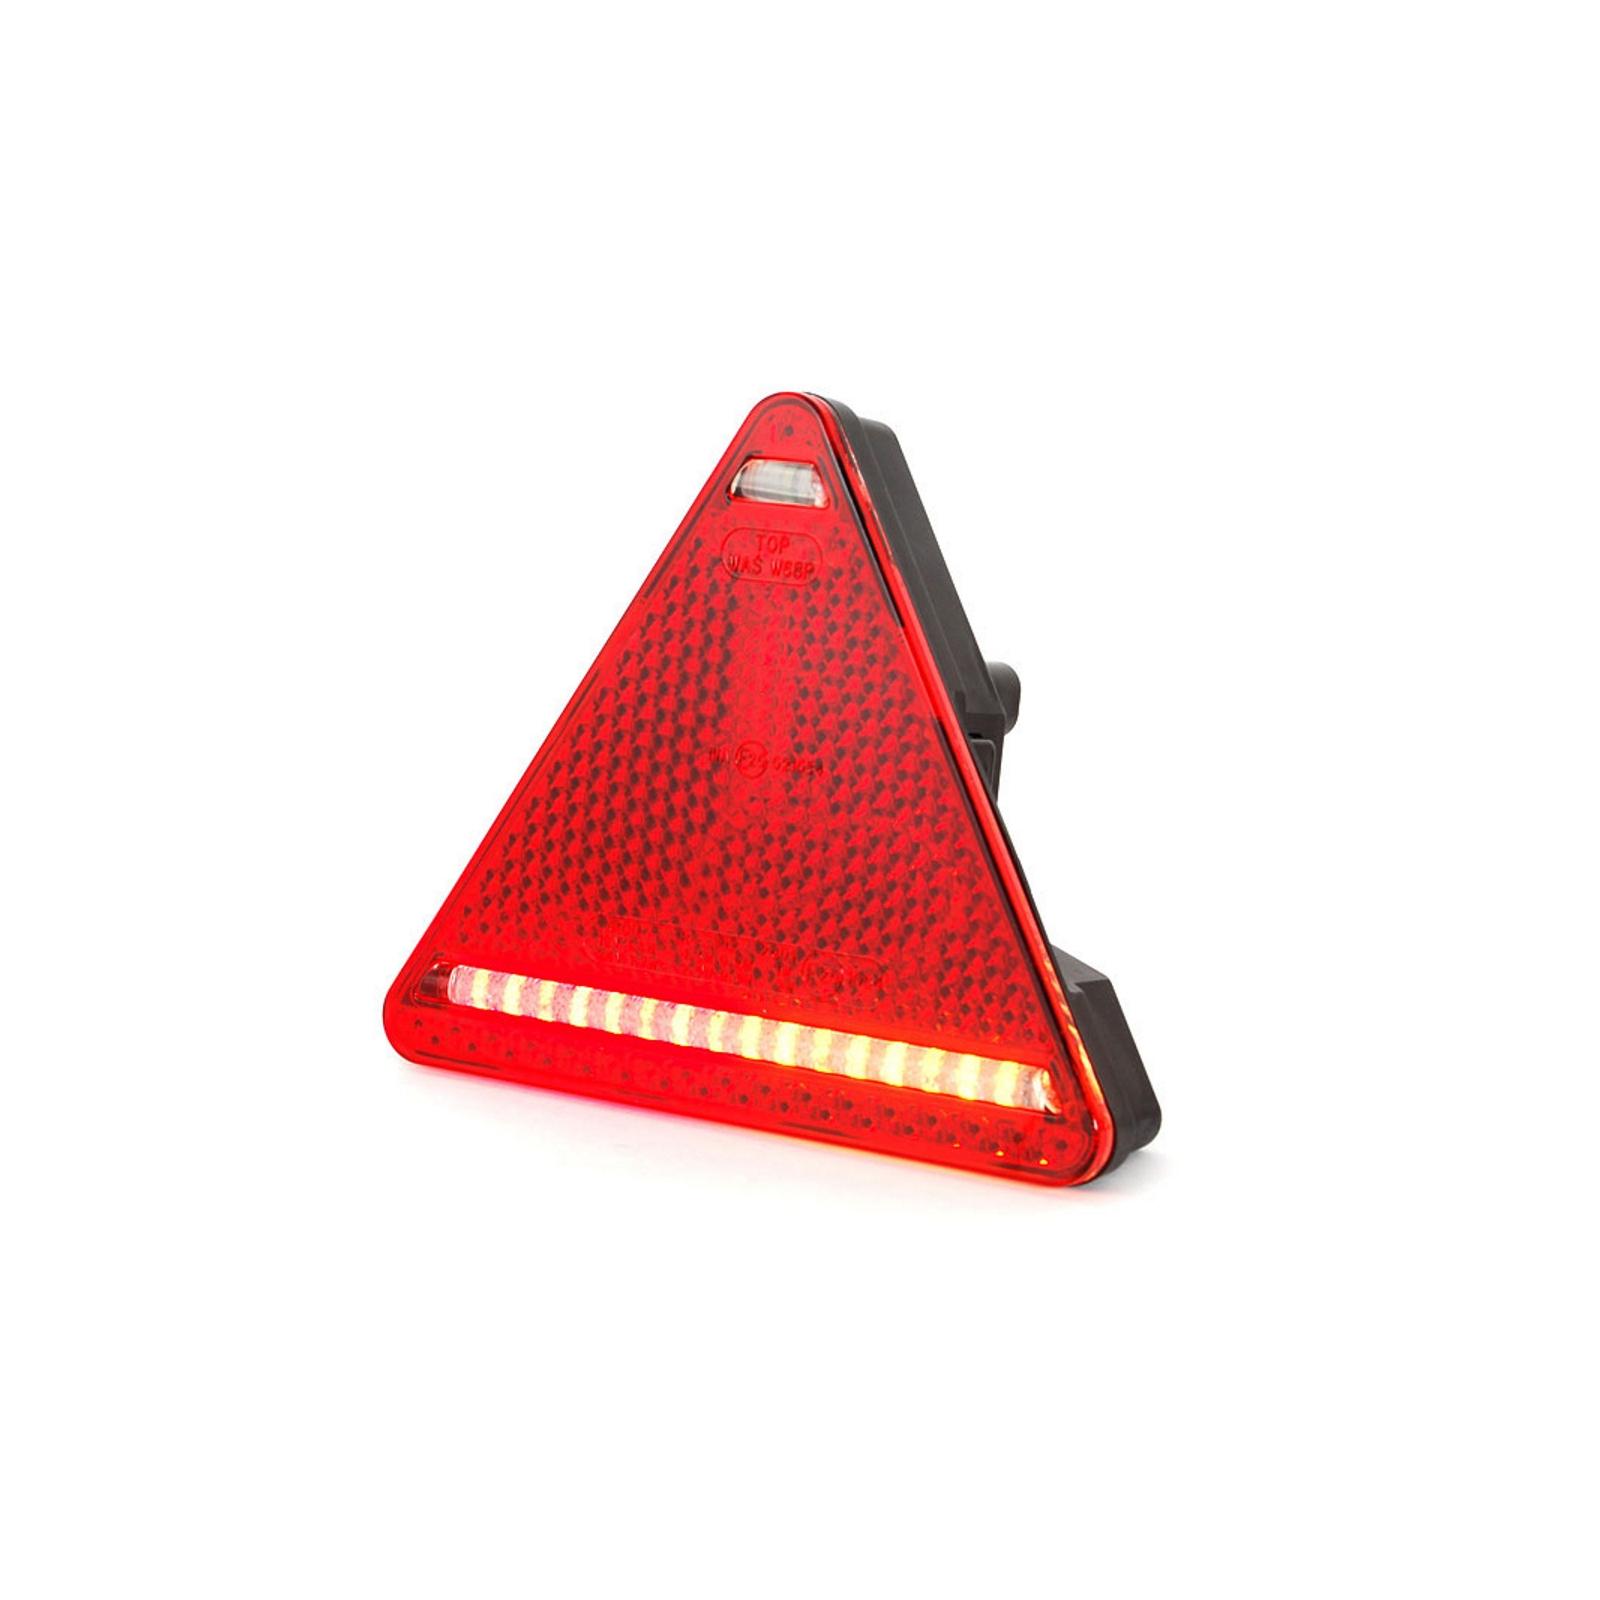 LED Rückleuchte 5 Funktionen LKW Anhänger RECHTS Dreieck 163mm x 144mm